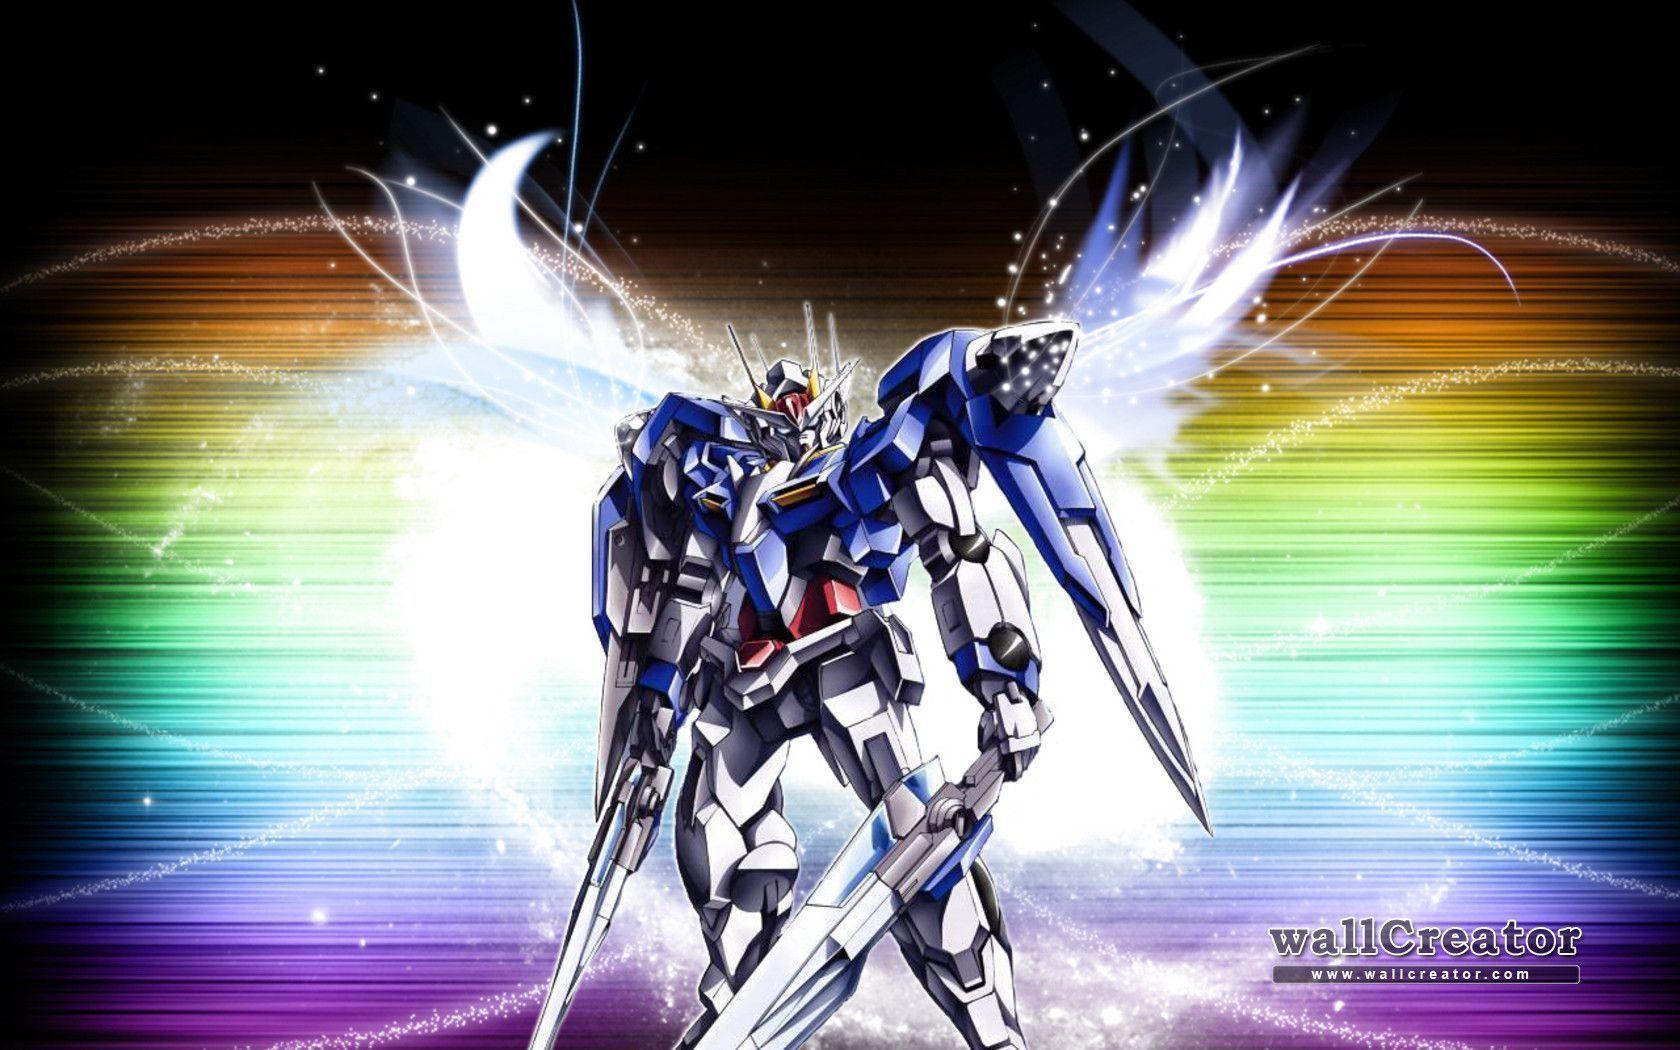 Gundam 00 wallpapers hd wallpaper cave - Gundam wallpaper hd ...